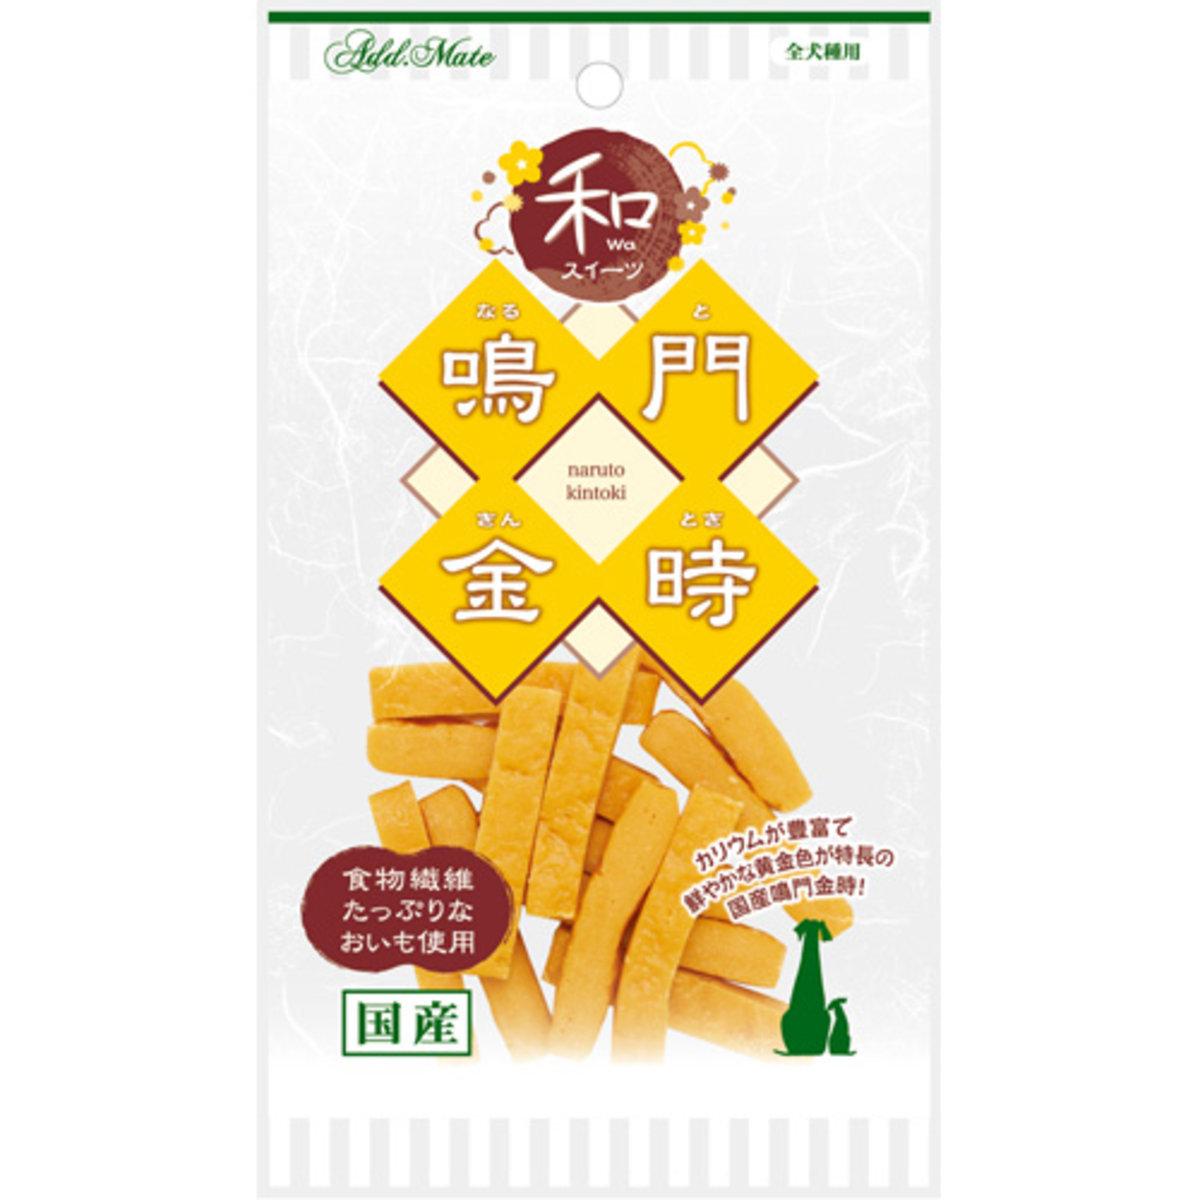 狗小食日本甘薯條 (鳴門金時)  (A12746)